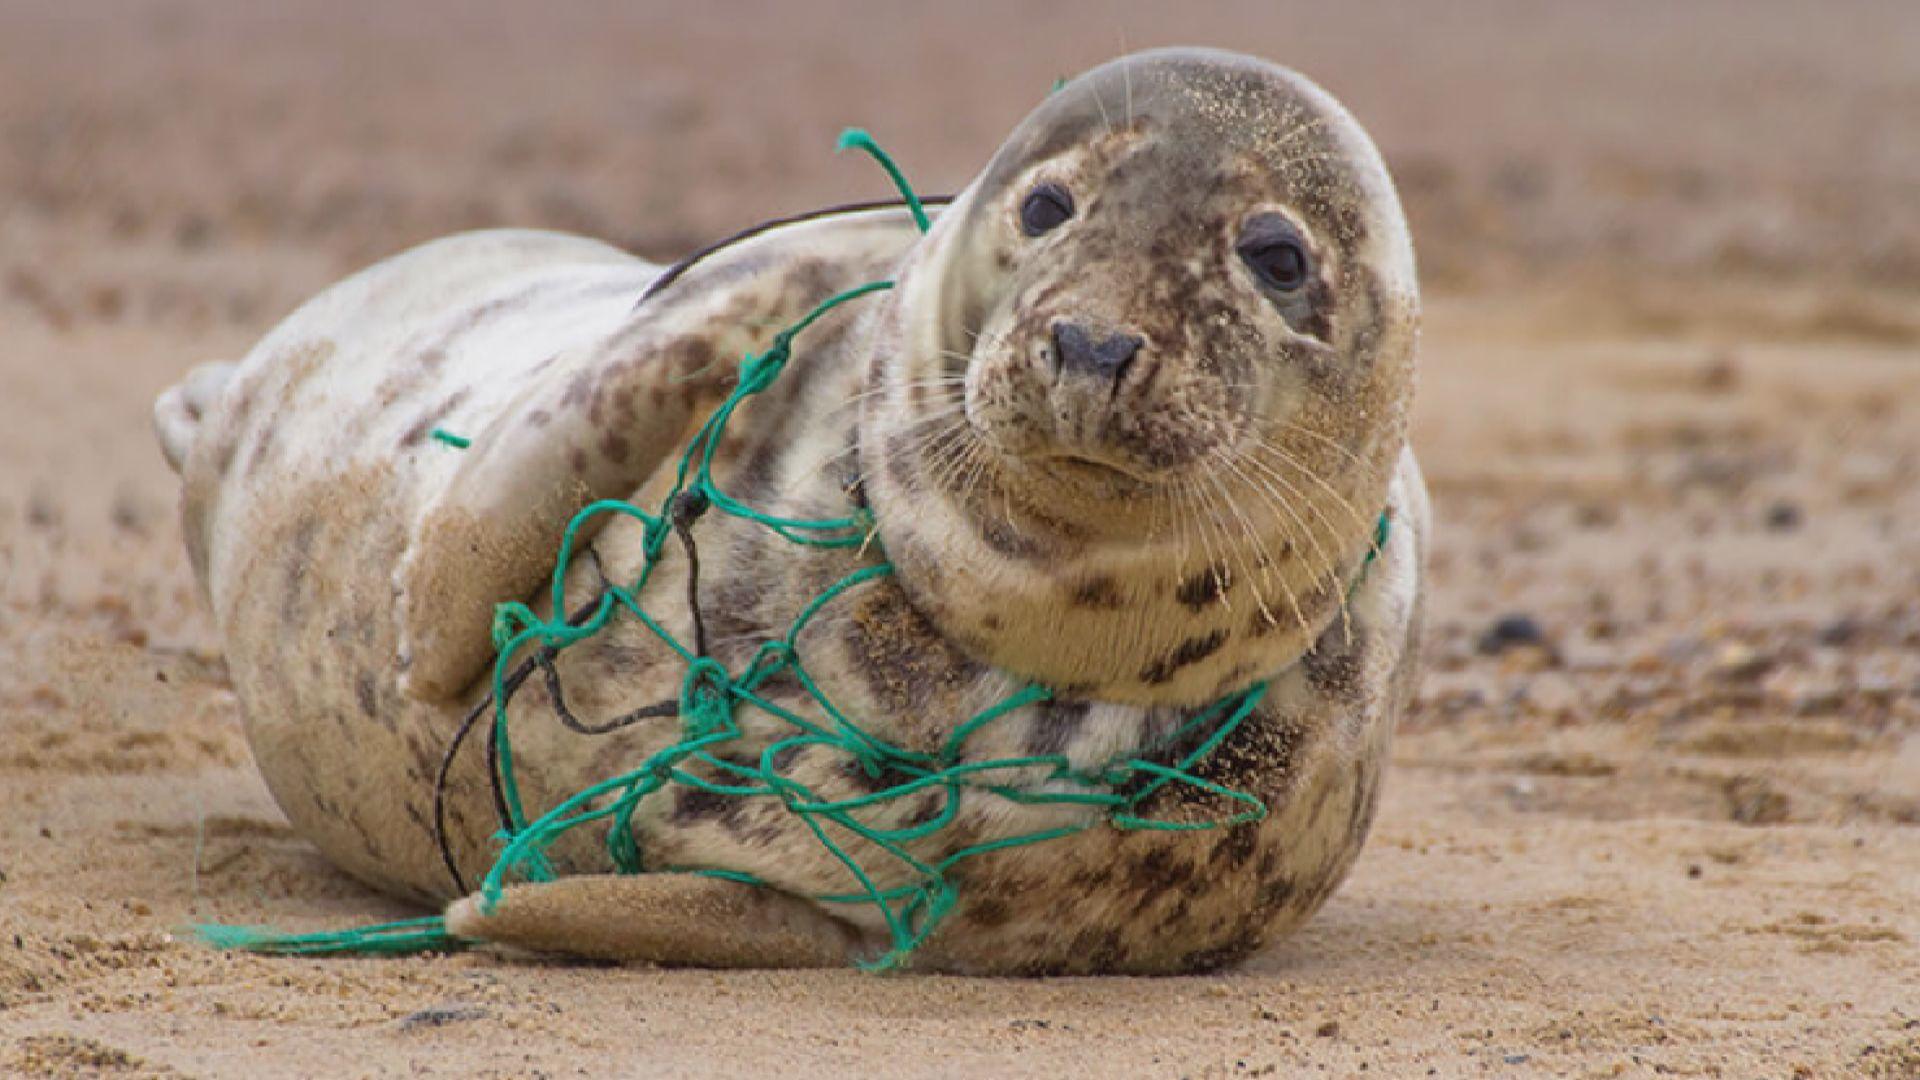 日本有團體回收廢棄漁網造成再生塑膠物料